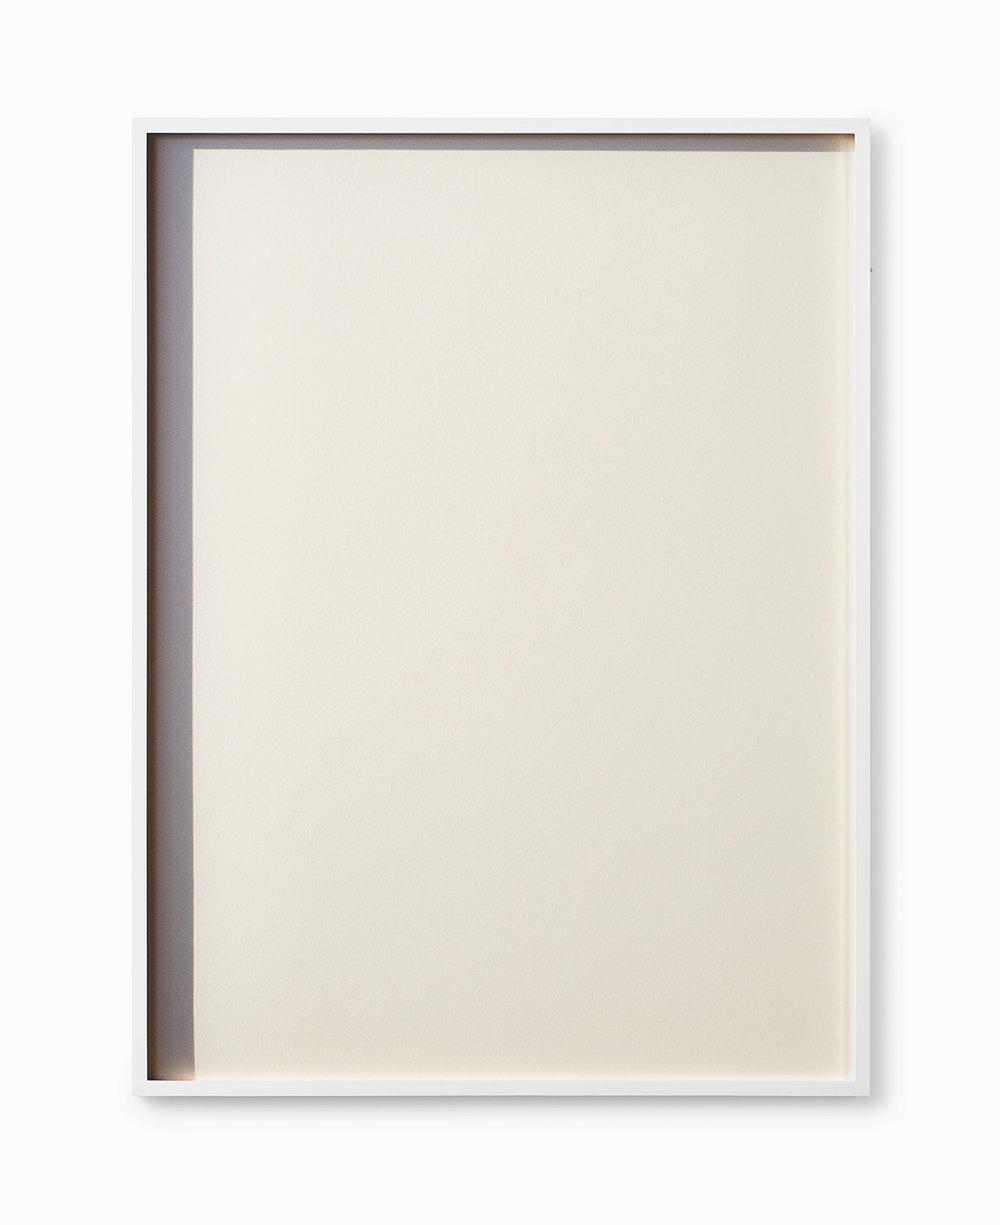 Johanna von Monkiewitsch Cologne 2017 Pigmentdruck auf Hahnemühle, auf Dibond, hinter entspiegeltem Glas gerahmt 80,4 x 60 cm o.R. / 82,4 x 62 cm m.R.